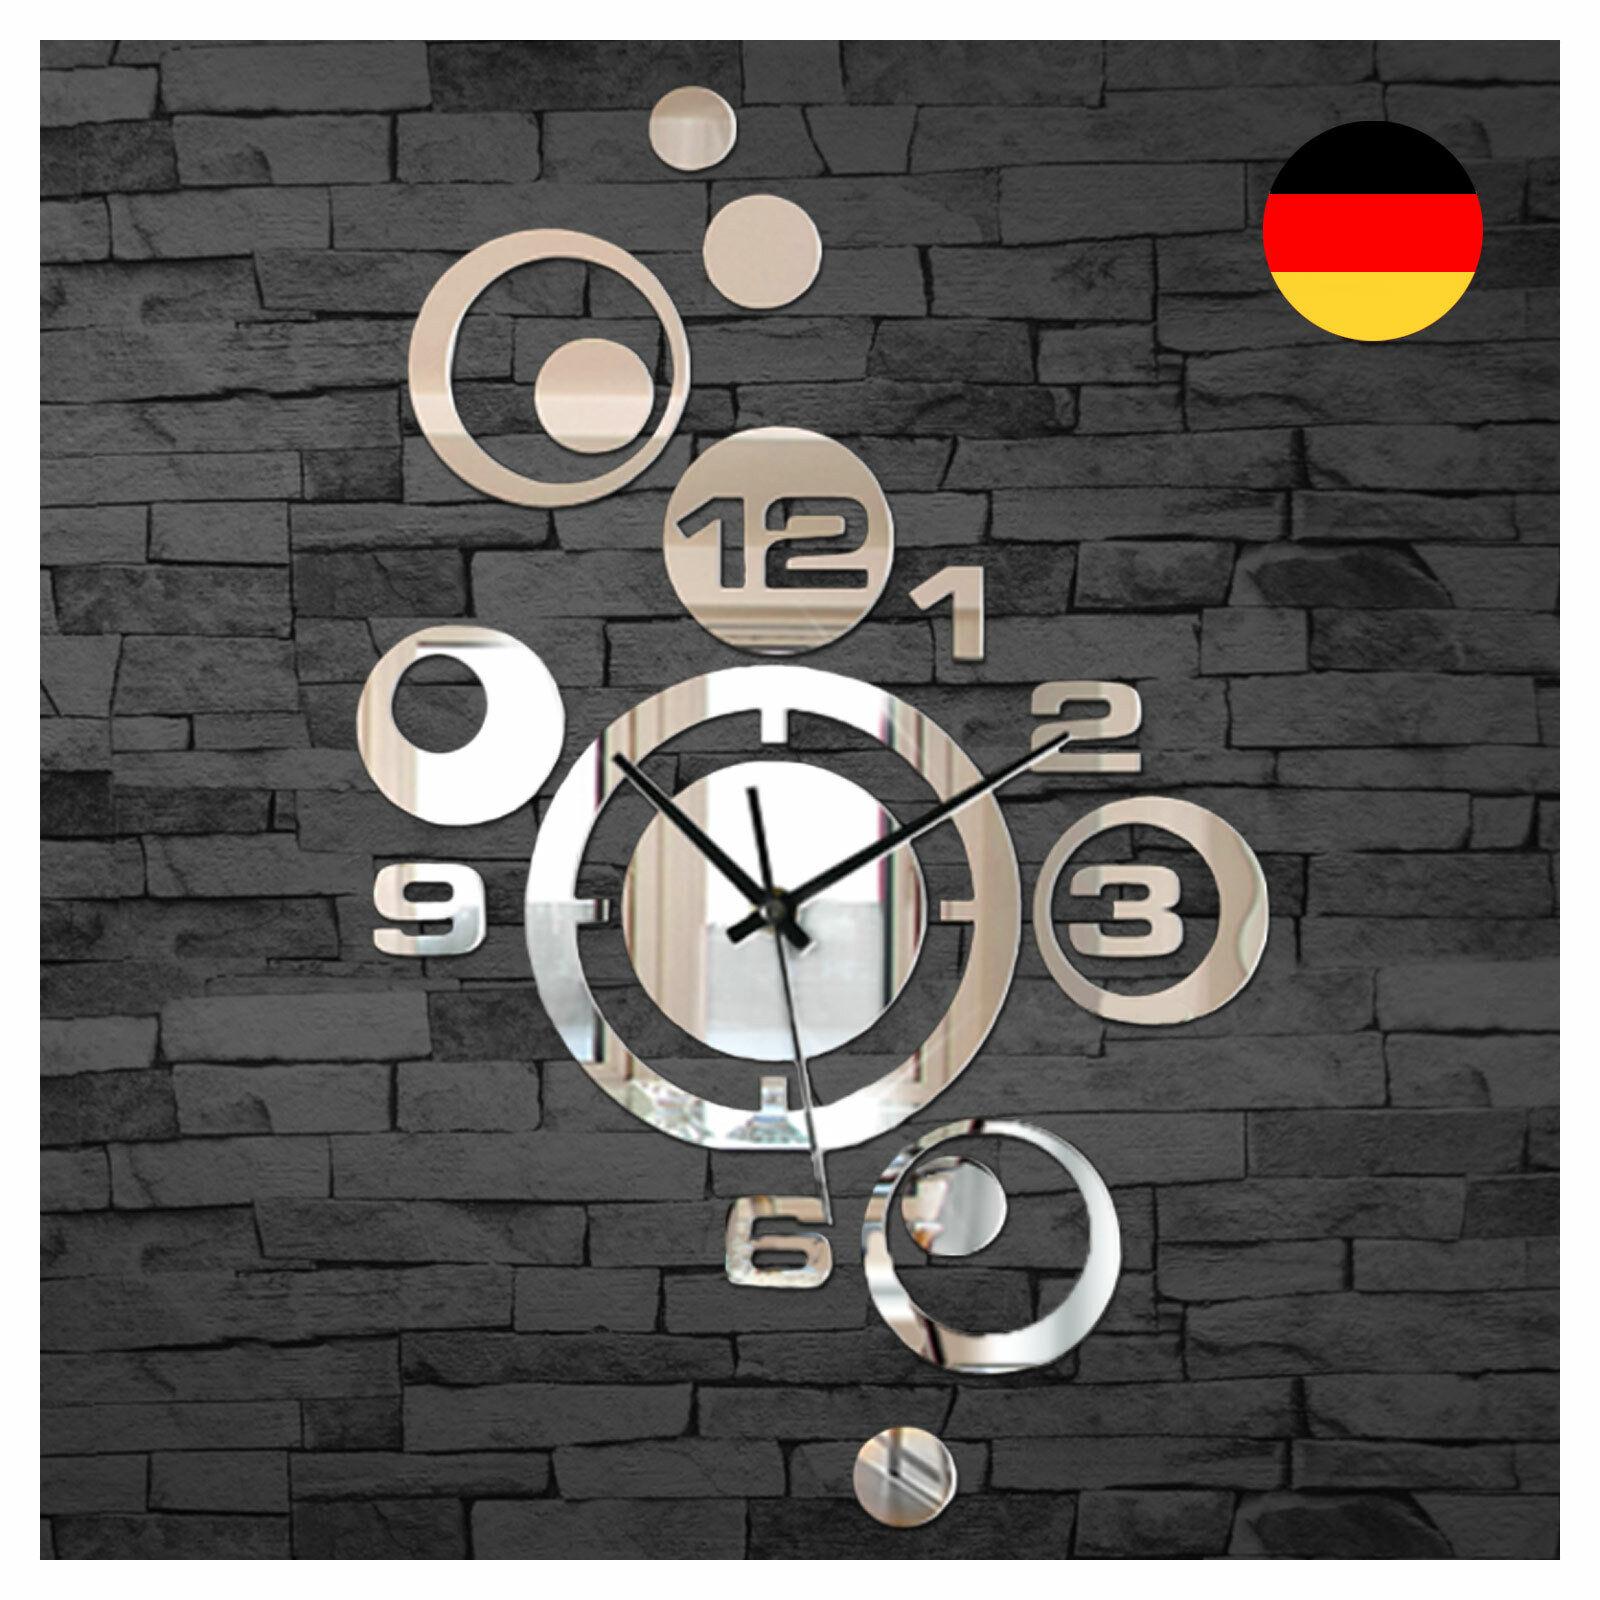 Wohnzimmer Wanduhren moderne Design Spiegel Uhr Dekoration Wandaufkleber W842